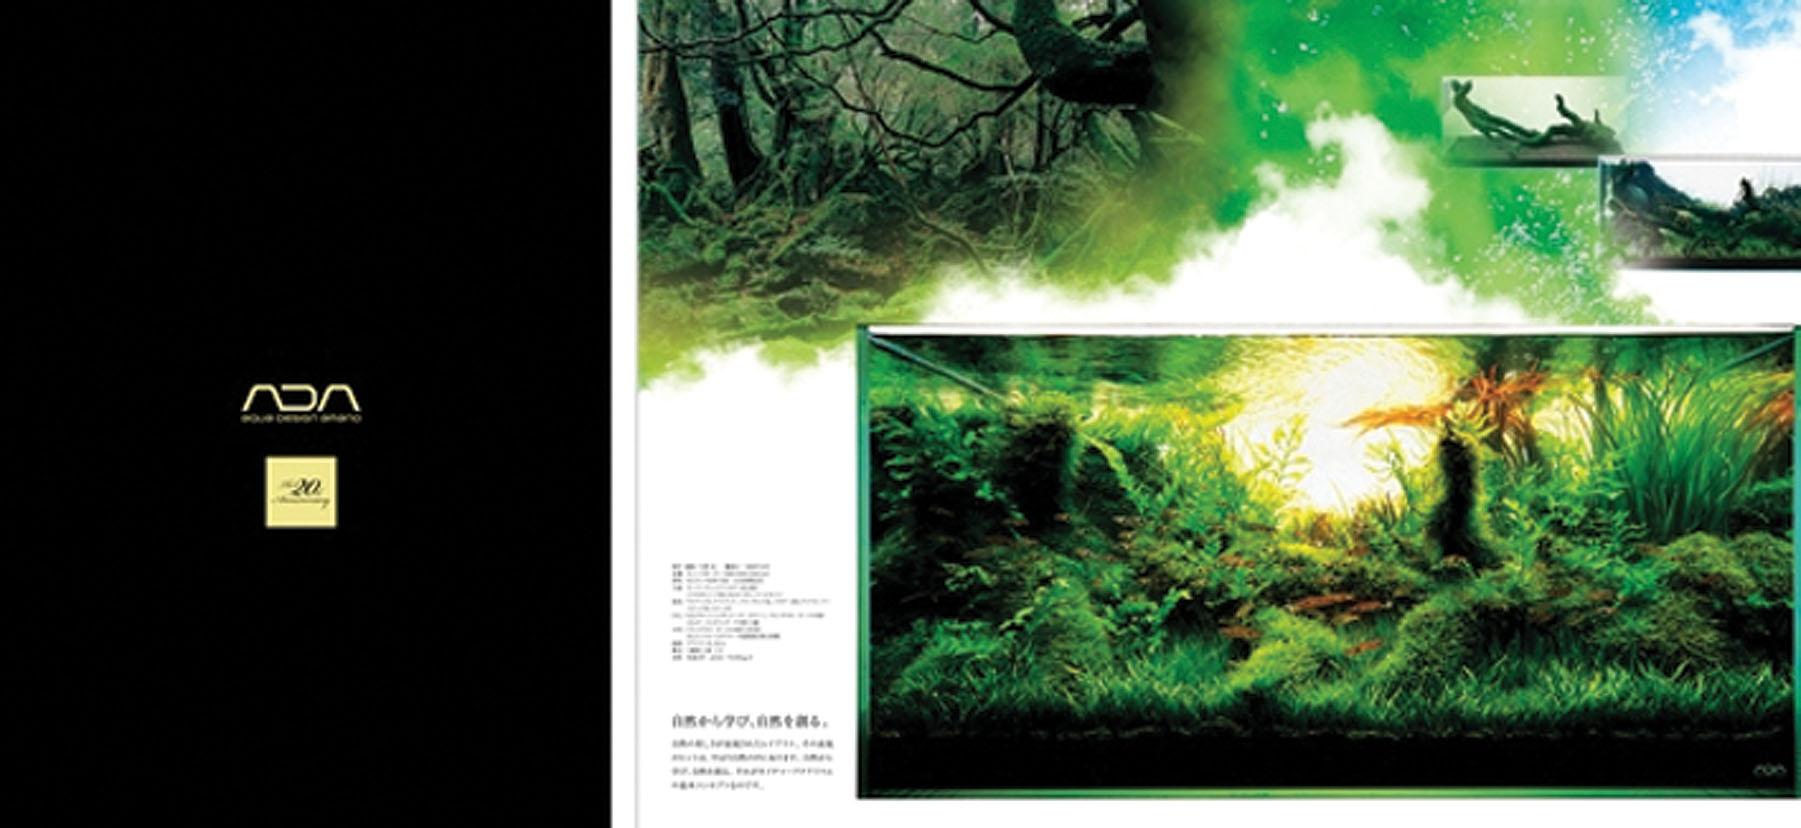 ada-20-th-anniversary-2012.jpg